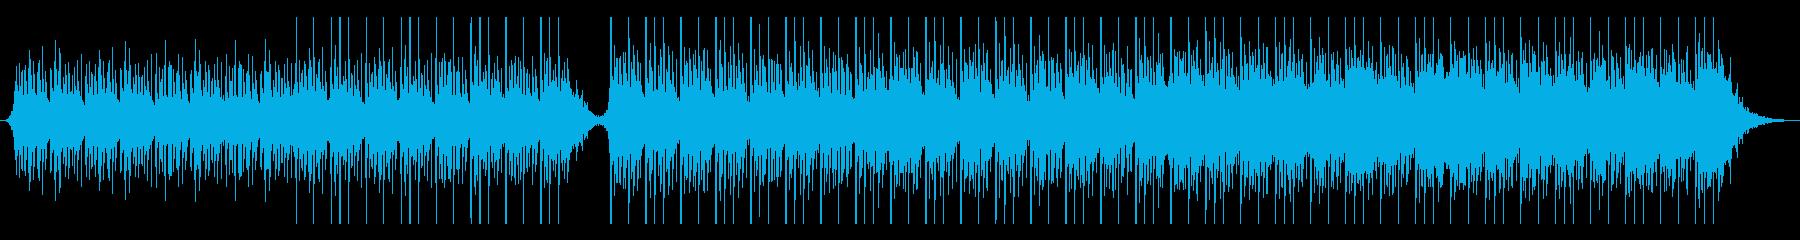 ラマダンバイラムの再生済みの波形